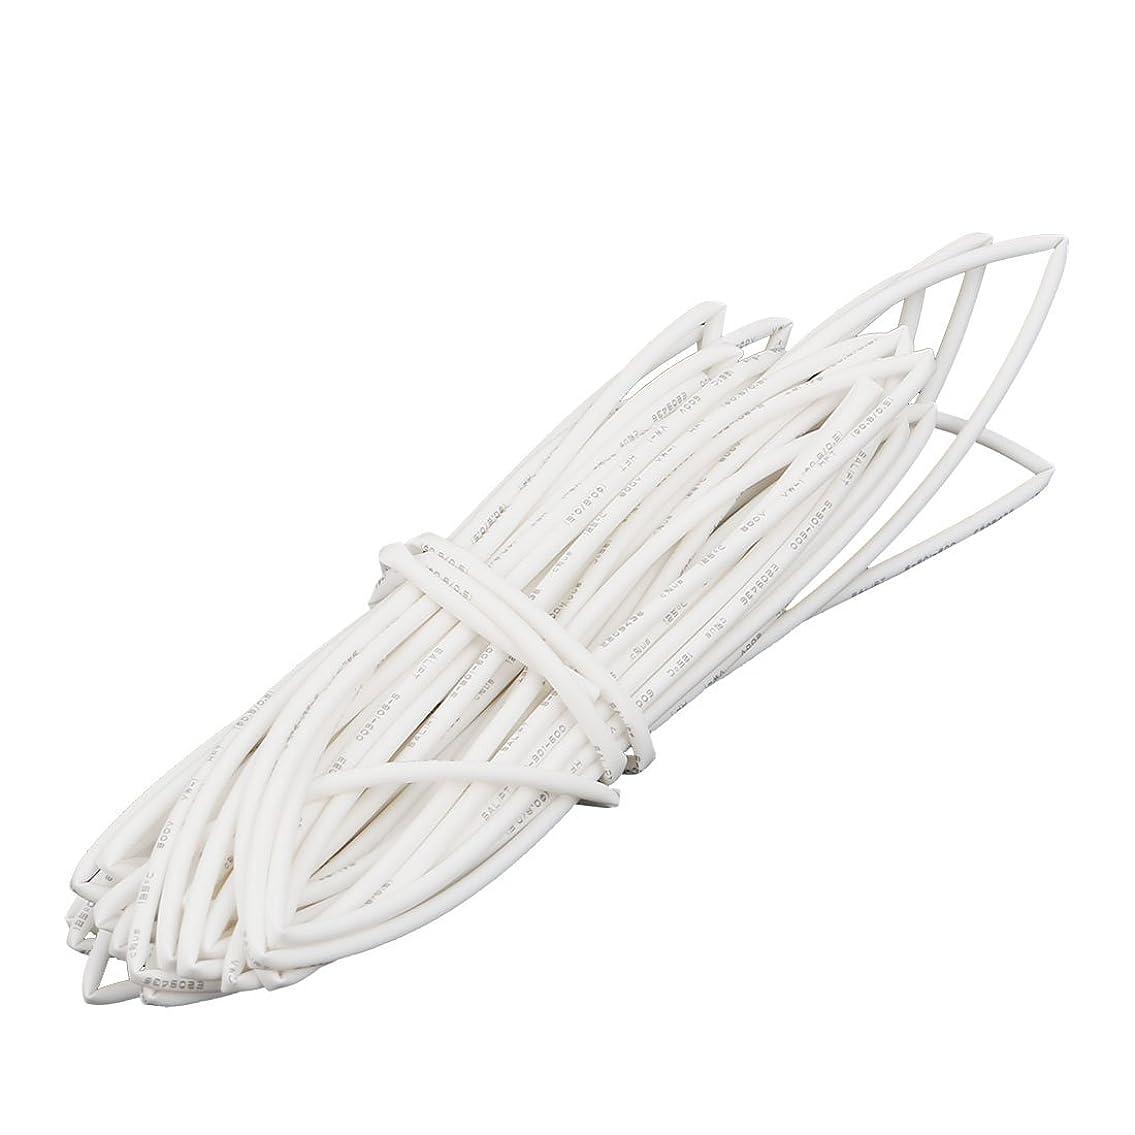 前文農夫uxcell 熱収縮チューブ 断熱管 ポリオレフィン素材 ホワイト 長さ5M 内径0.8MM